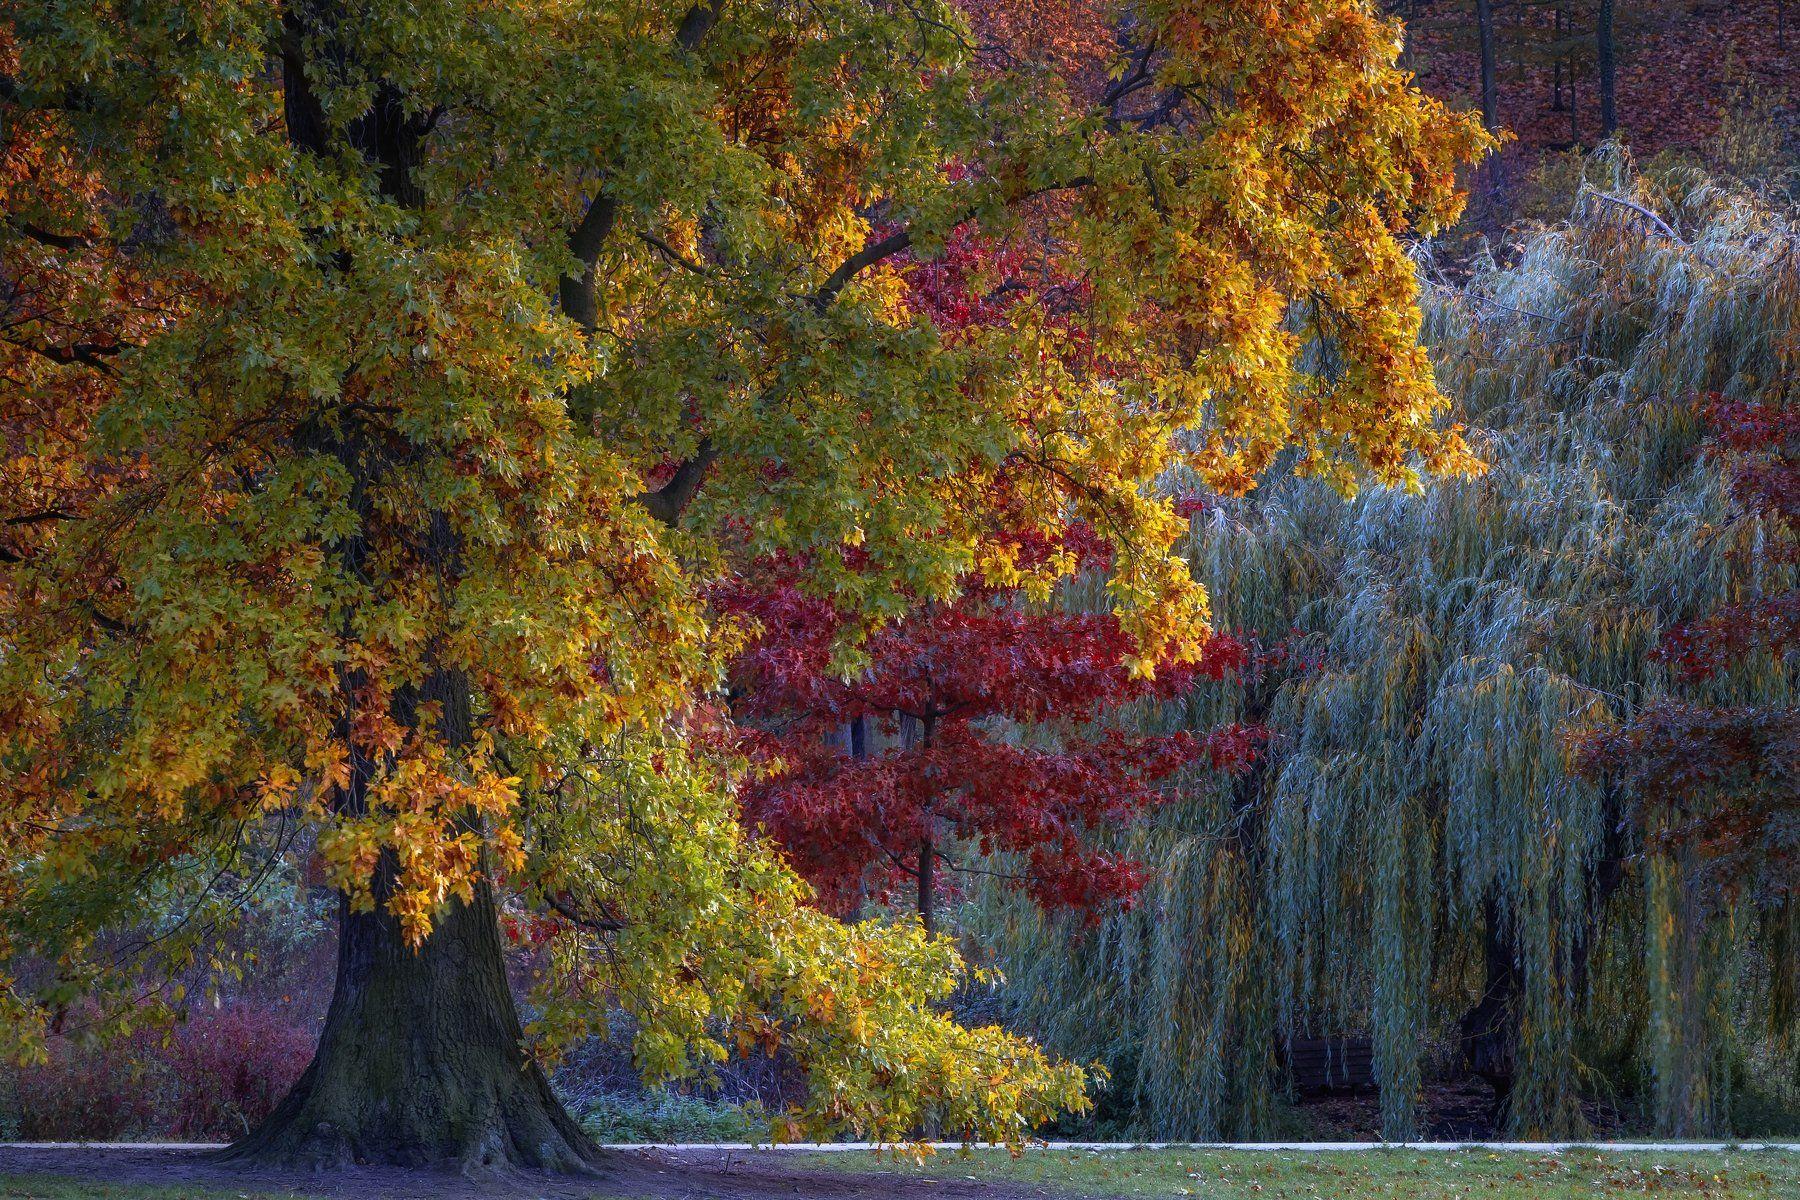 природа лес деревья осень листва утро туман путешествия пейзаж  чехия парк, Ожерельев Андрей